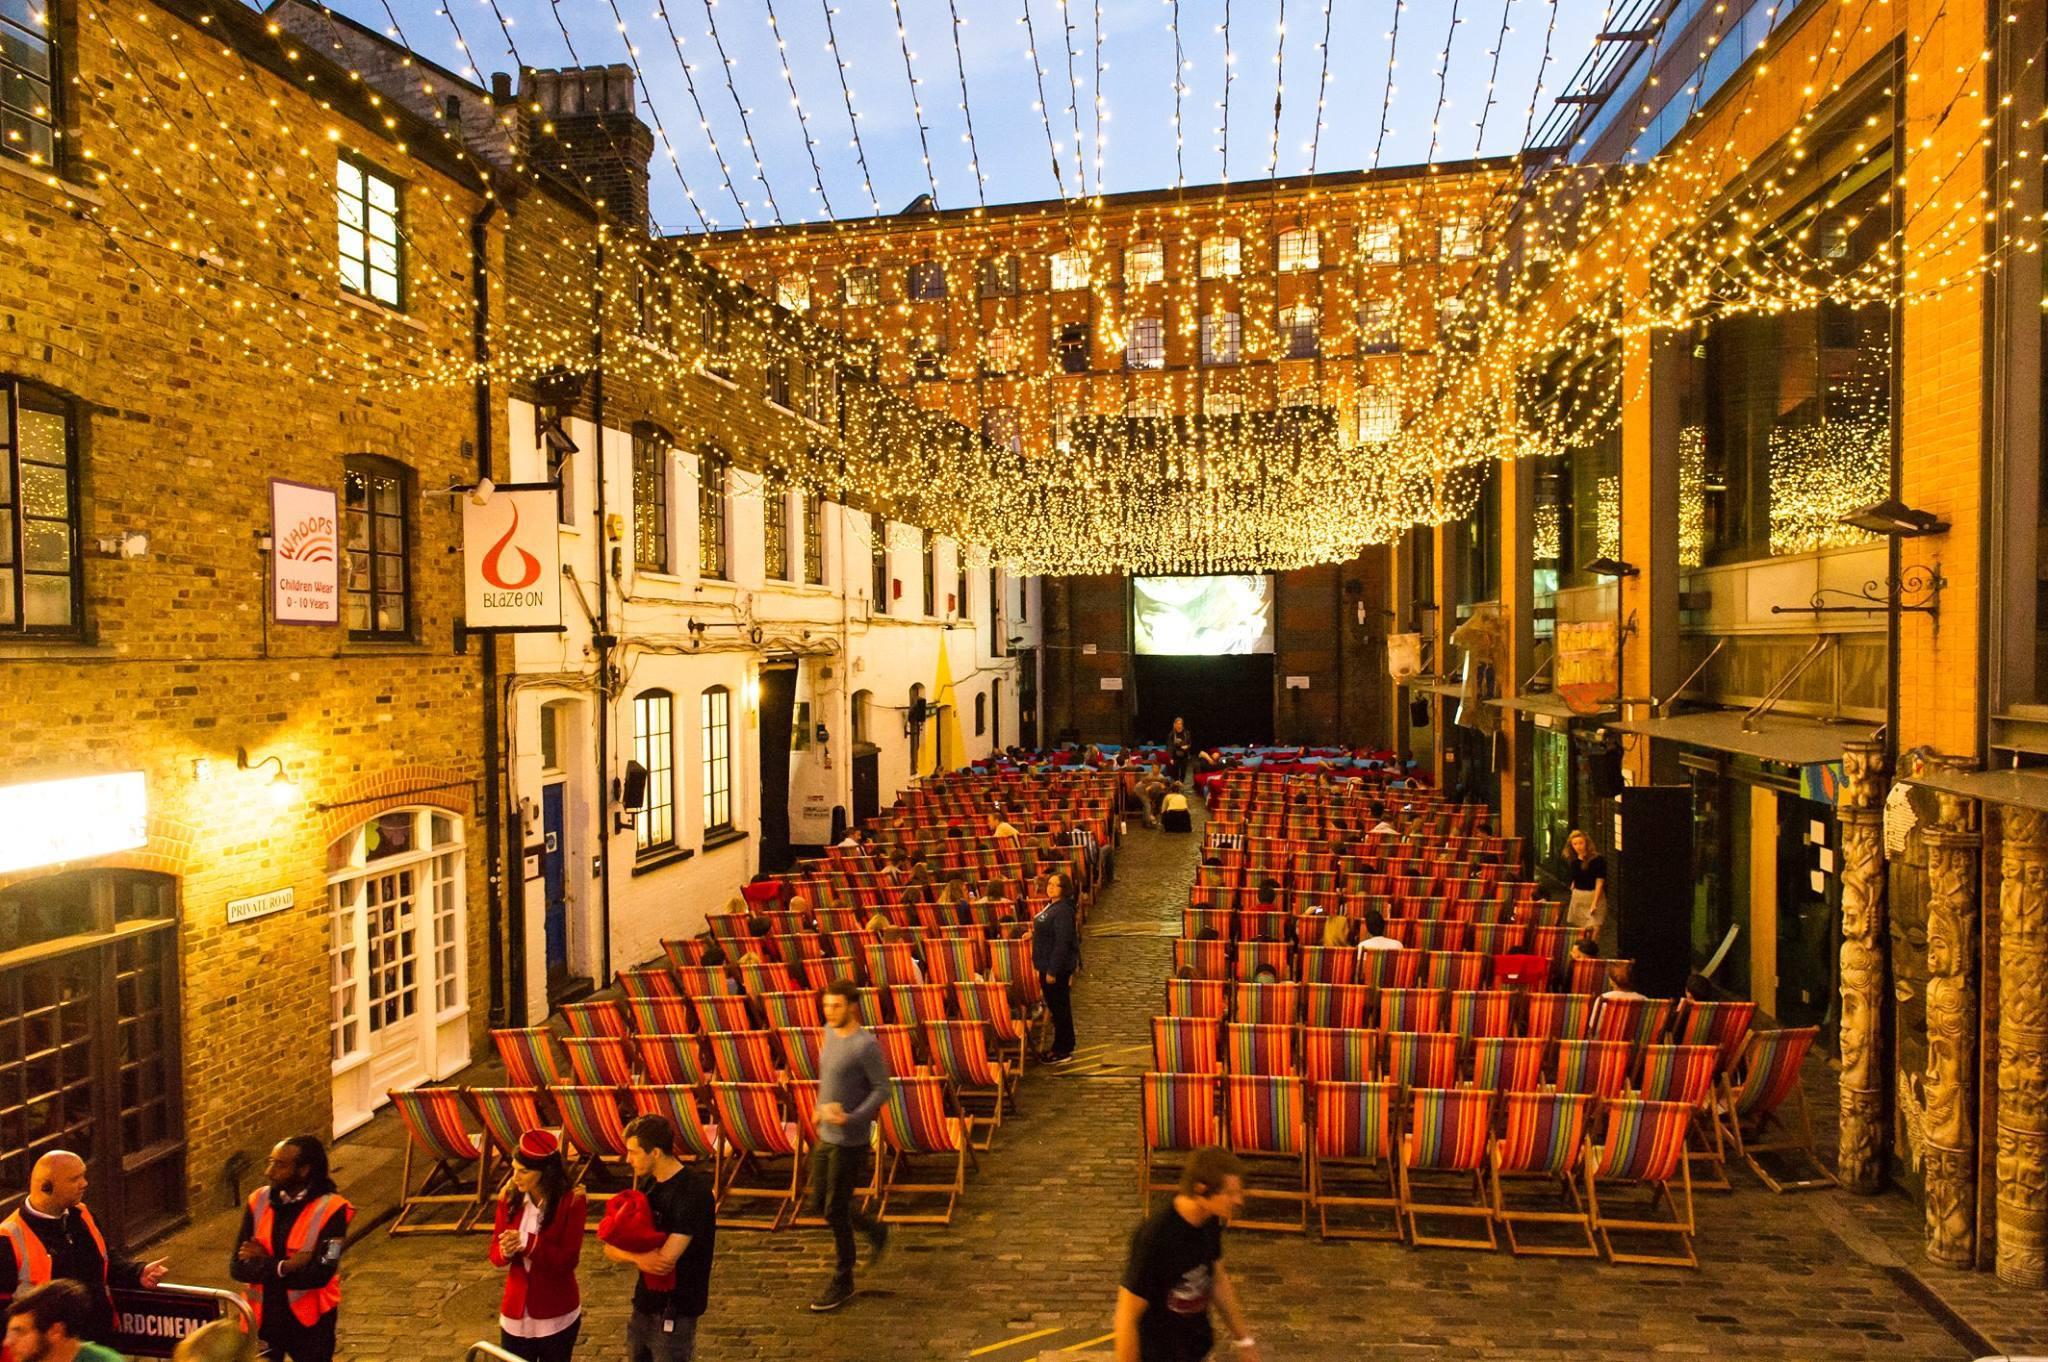 Backyard Cinema in Camden Market  Courtesy of Backyard Cinema